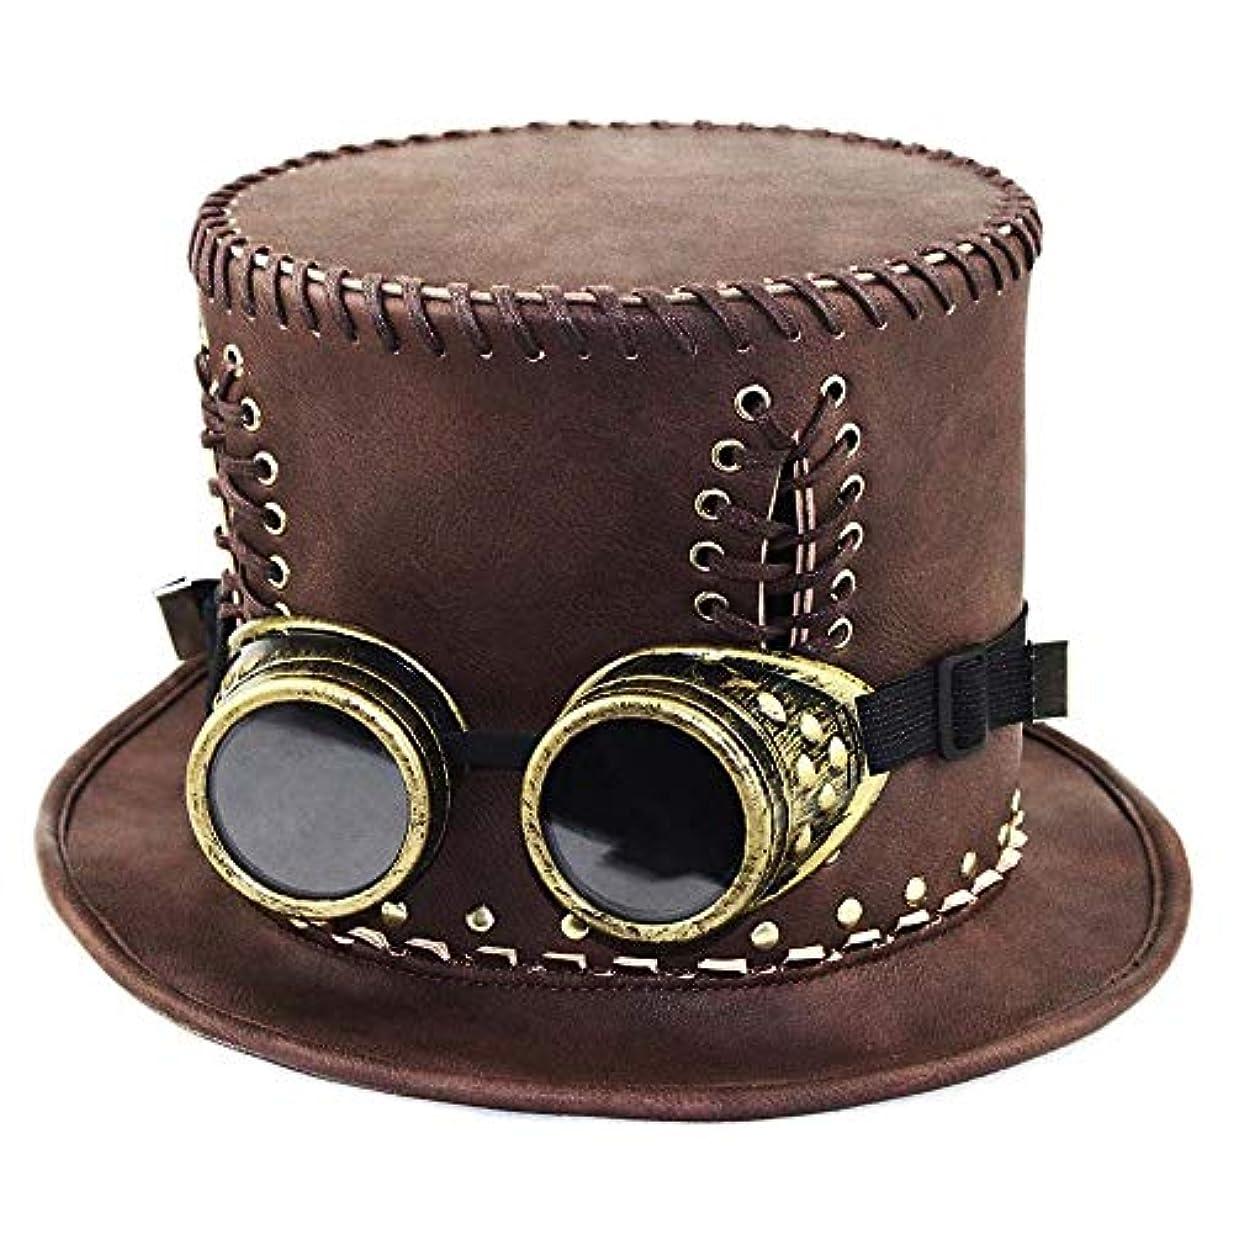 好み協力テメリティETH ハロウィンダンスパーティーの小道具は、工業用スチームパンクレトロな紳士の帽子の女性のS-XLのコスプレ 適用されます (Size : XL)